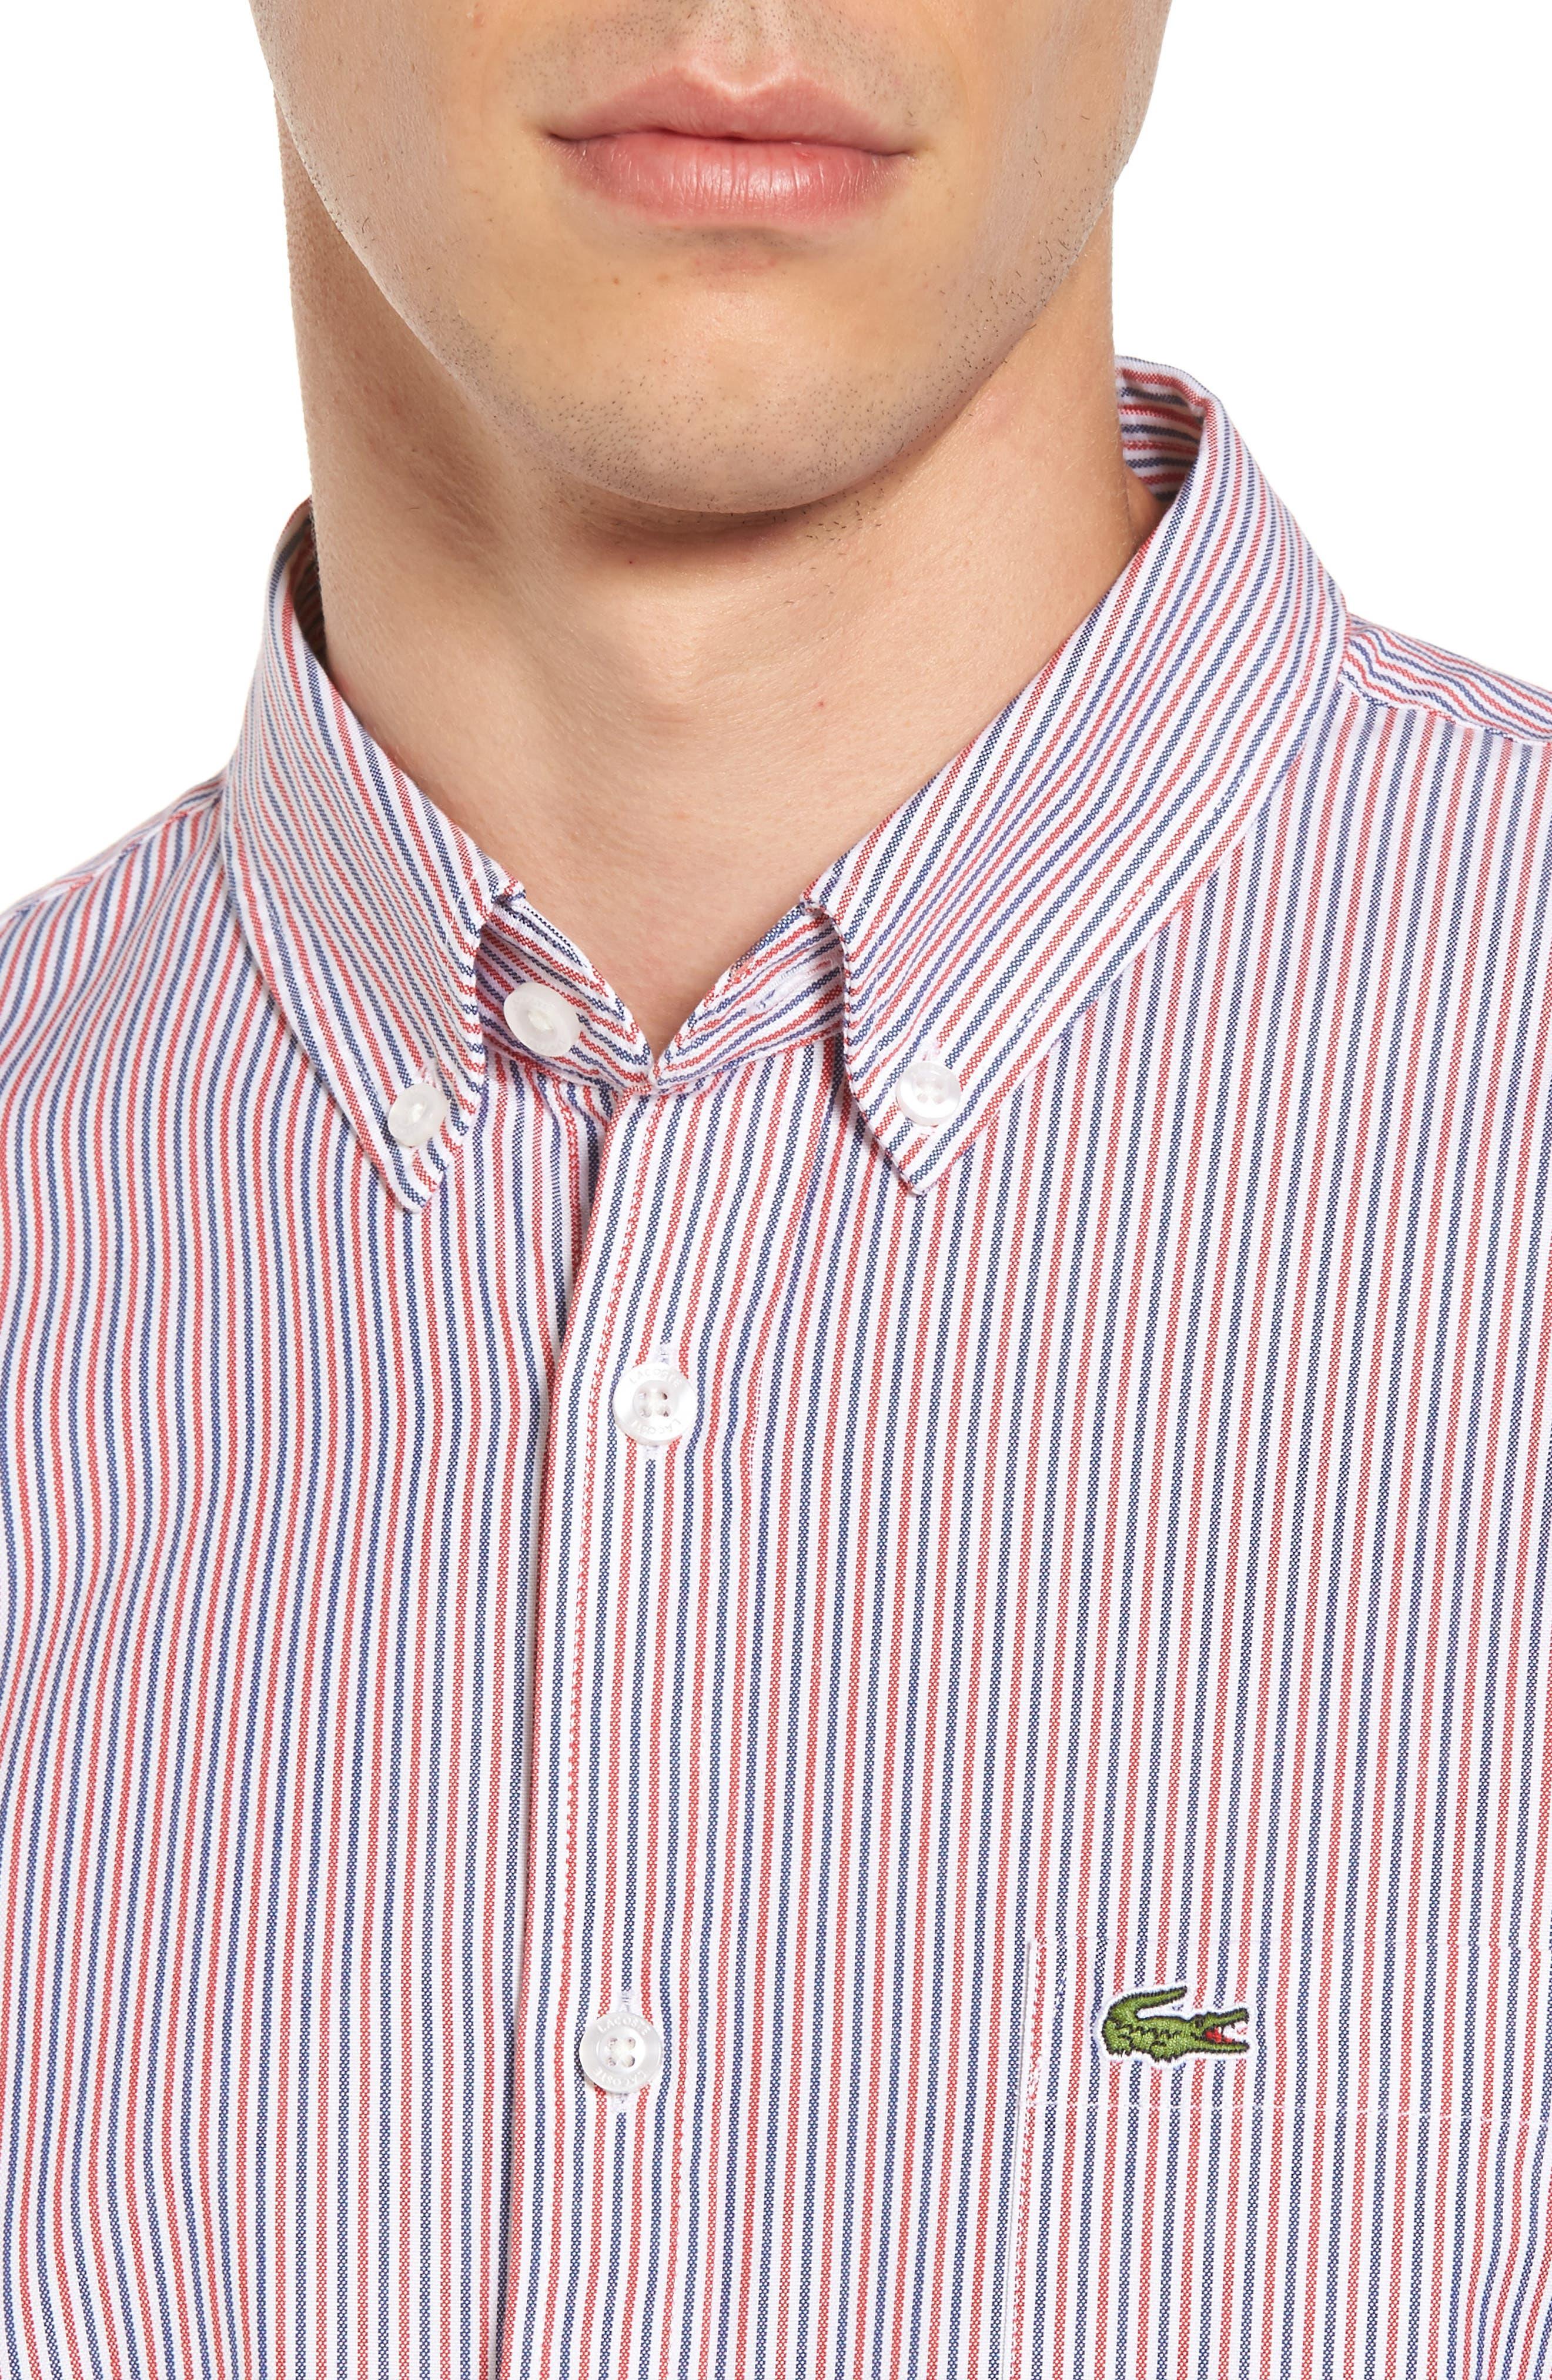 Button-Down Sport Shirt,                             Alternate thumbnail 4, color,                             Cherry Red/ Methylene-White